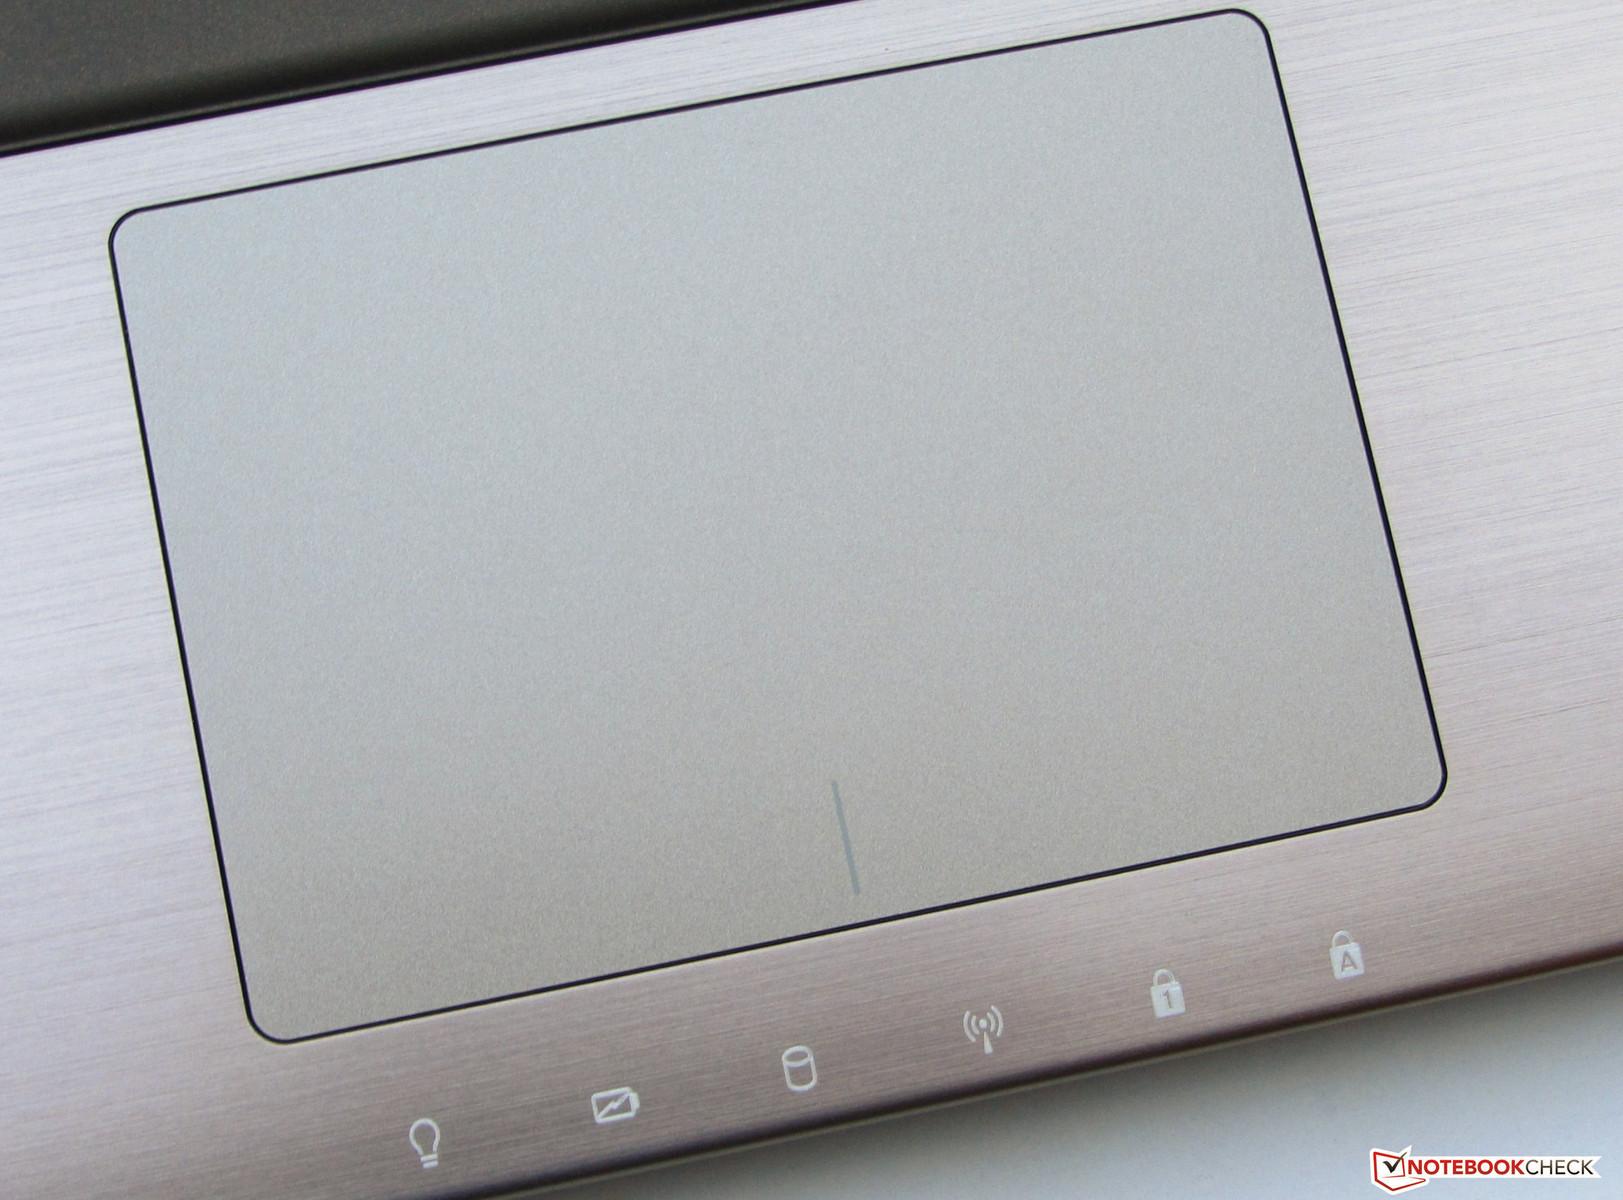 ASUS K55VM Realtek Card Reader Treiber Herunterladen